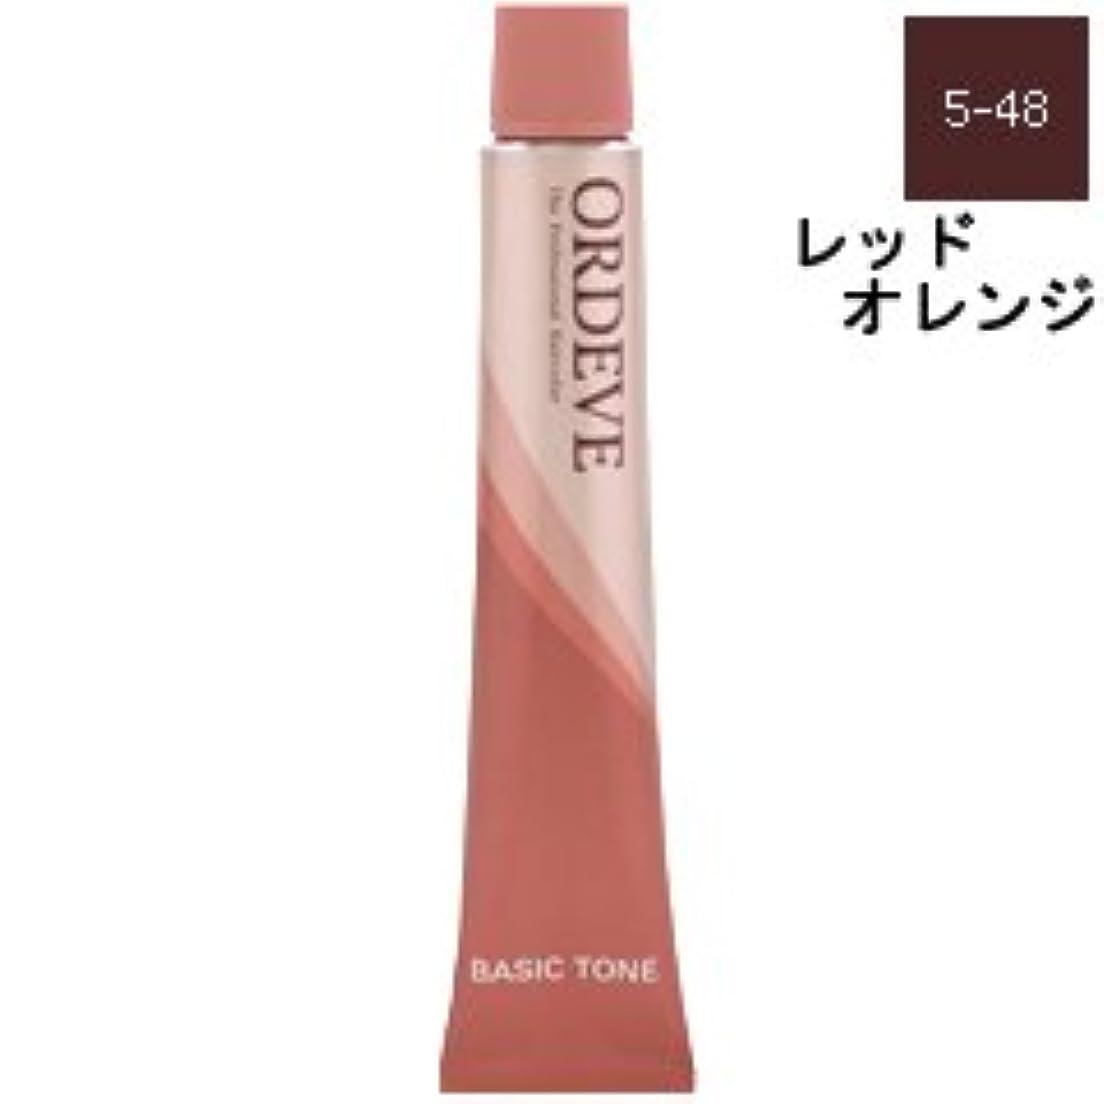 バイパスラバ実用的【ミルボン】オルディーブ ベーシックトーン #05-48 レッドオレンジ 80g